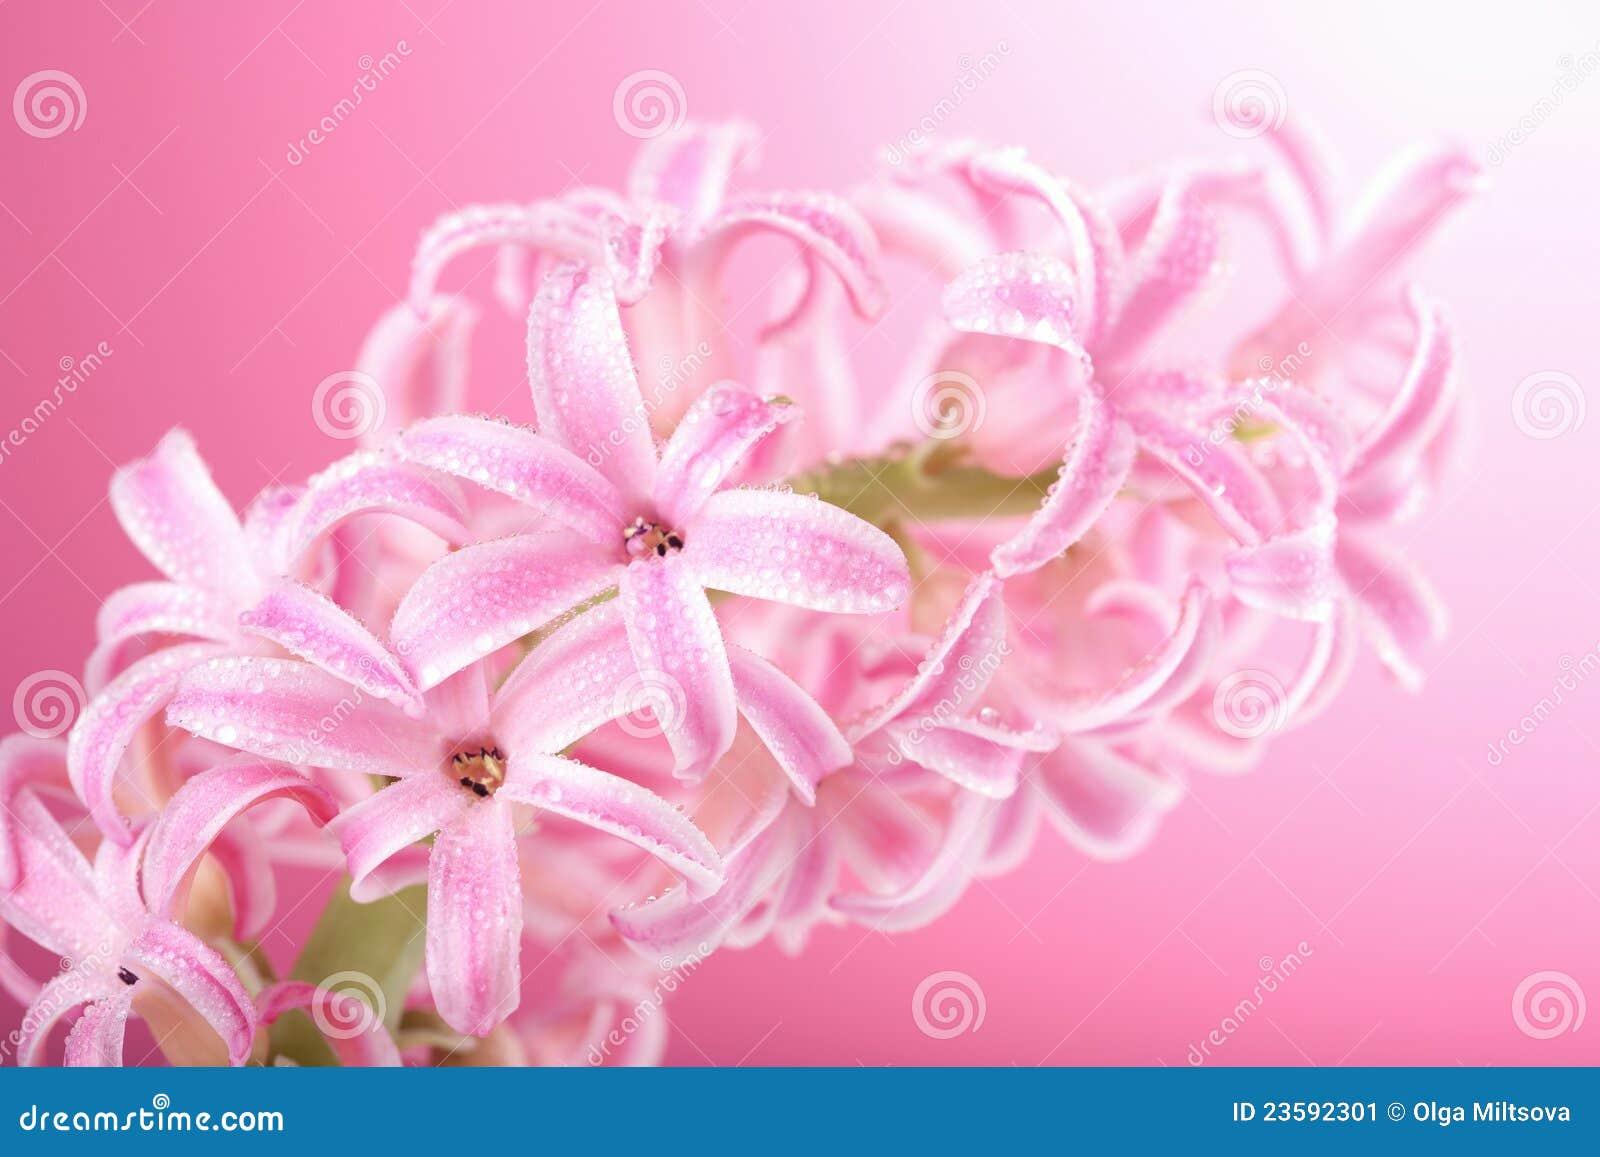 fleur rose de jacinthe image stock image du vivacit 23592301. Black Bedroom Furniture Sets. Home Design Ideas